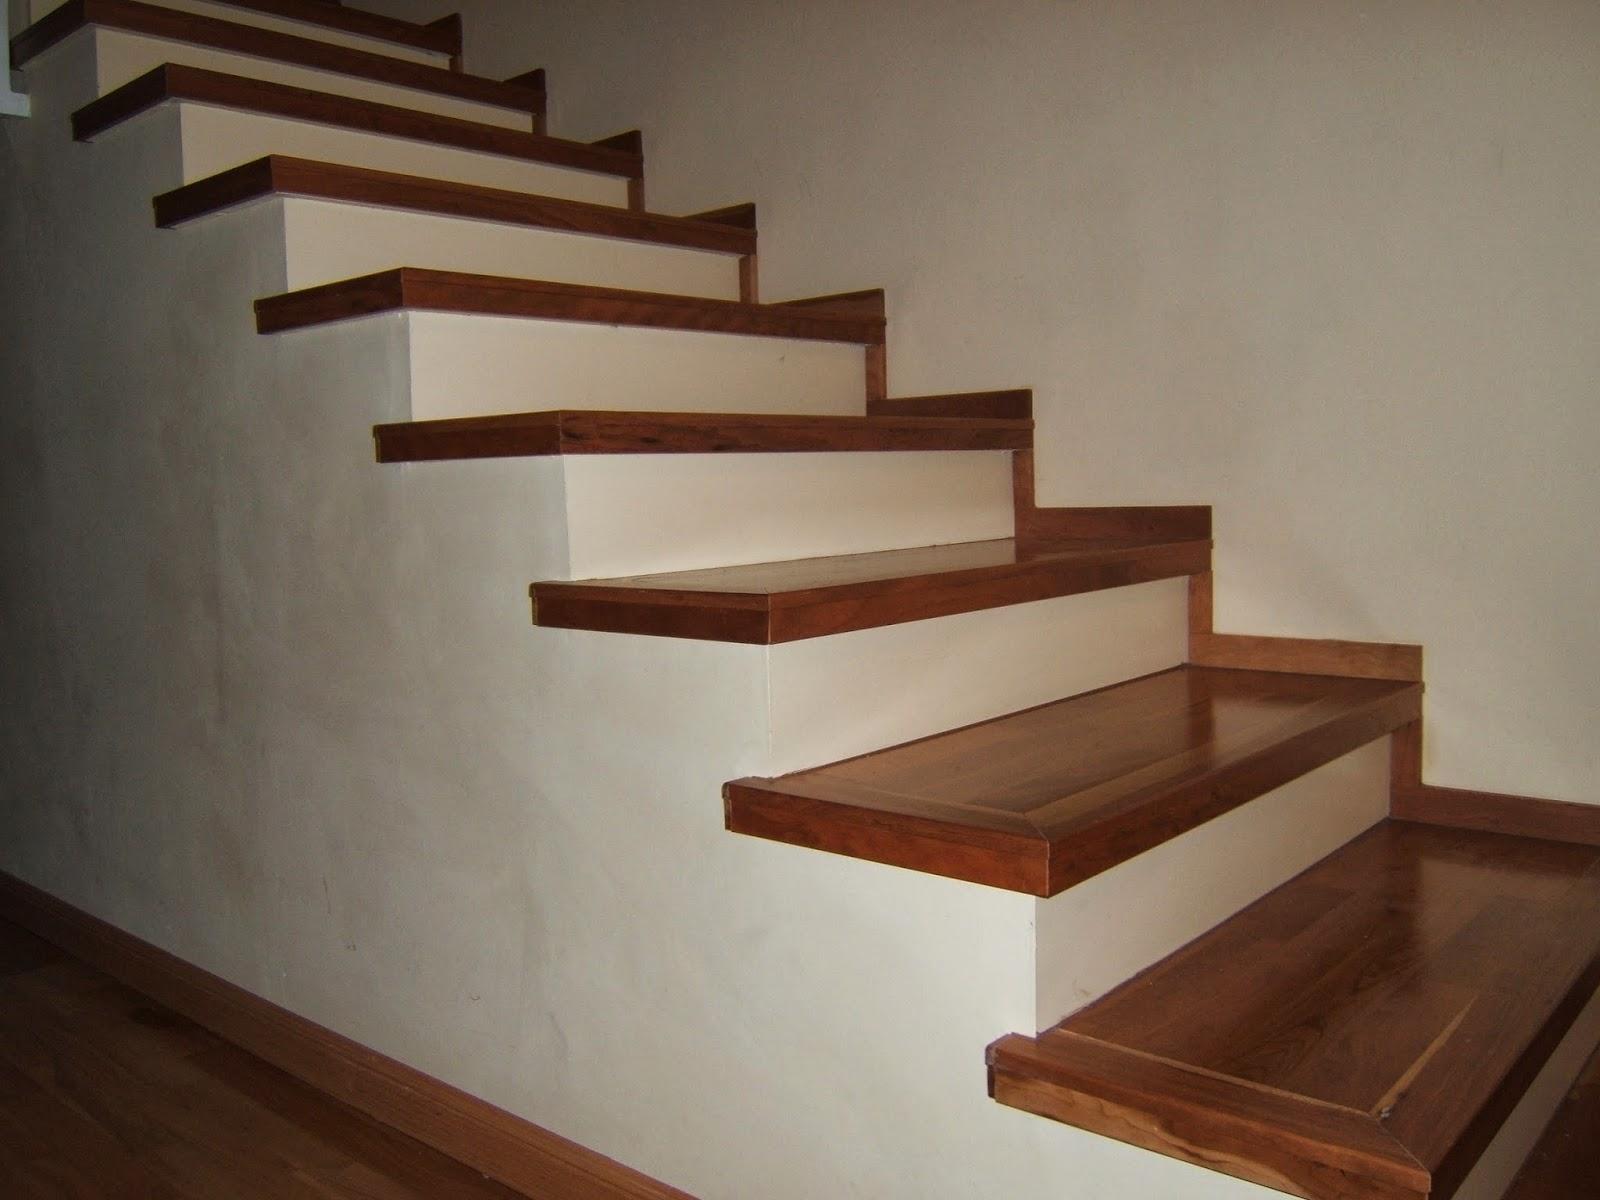 Nicolas rojas instalaciones tarima cocinas armarios - Escaleras de madera ...